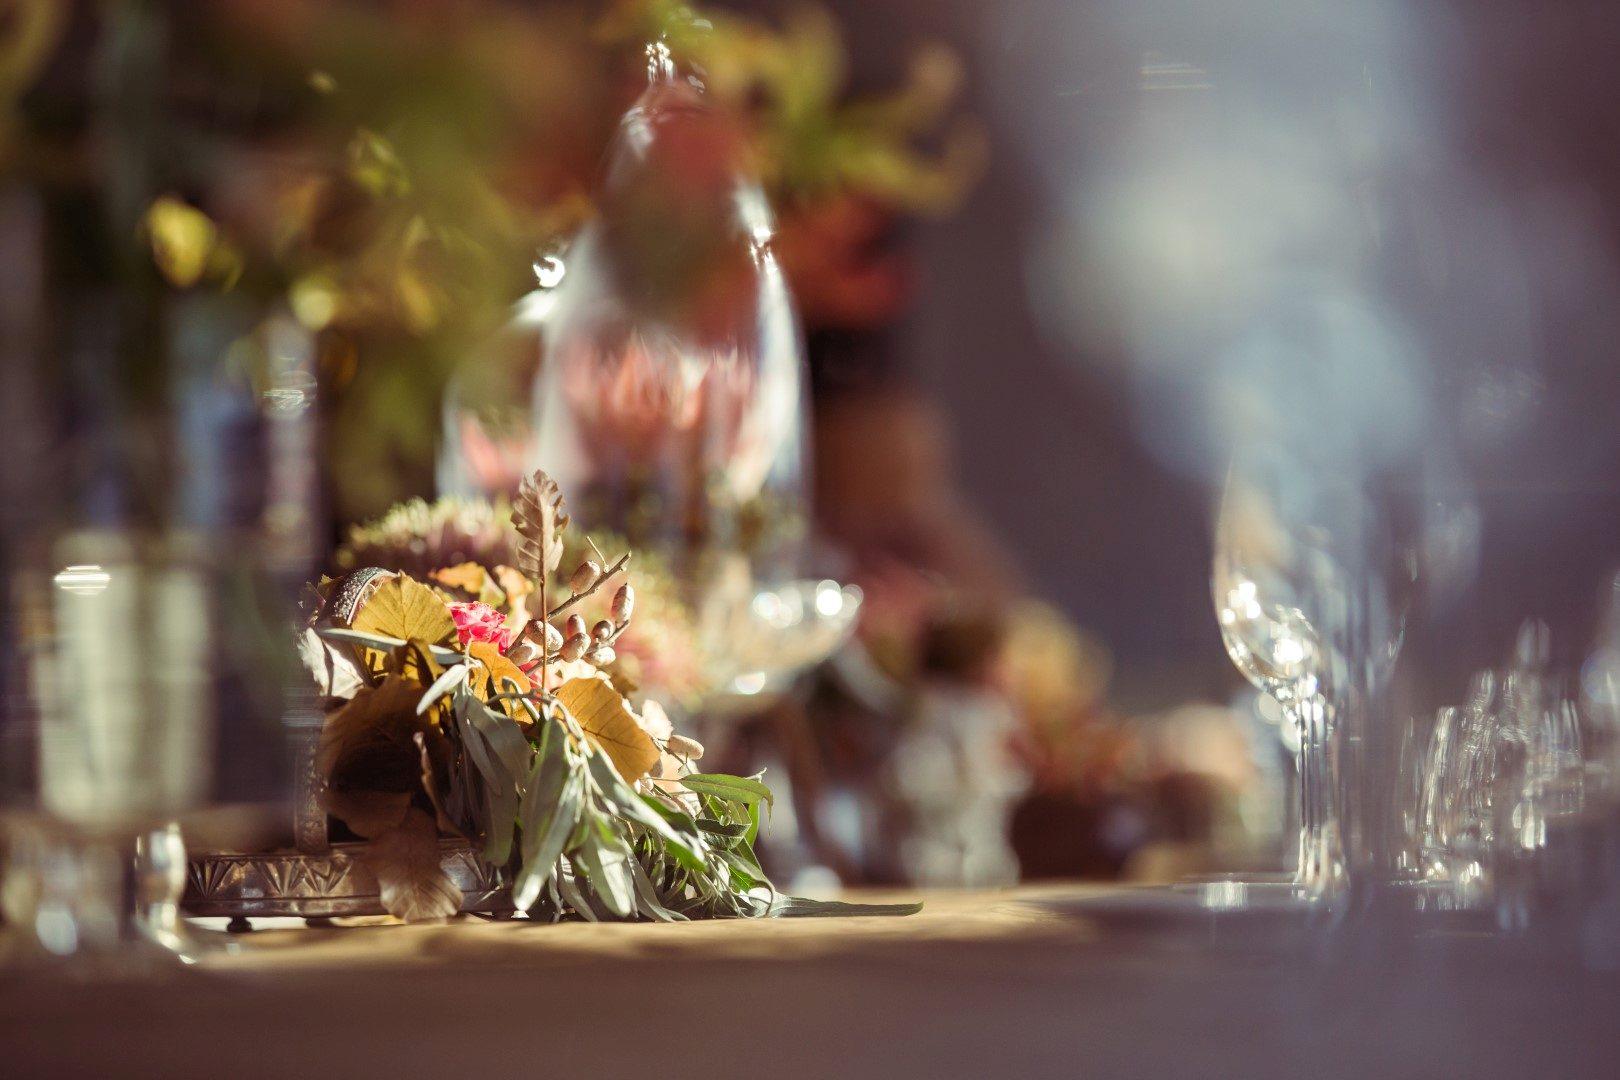 ,őszi dekoráció,őszi dekor,ősz,őszi esküvő,dekoratőr,gyenes szilvia,dekoráció,esküvői dekoráció,esküvői dekorációk,esküvői dekor,dekor,dekoratőr,esküvői dekoratőr,esküvő,